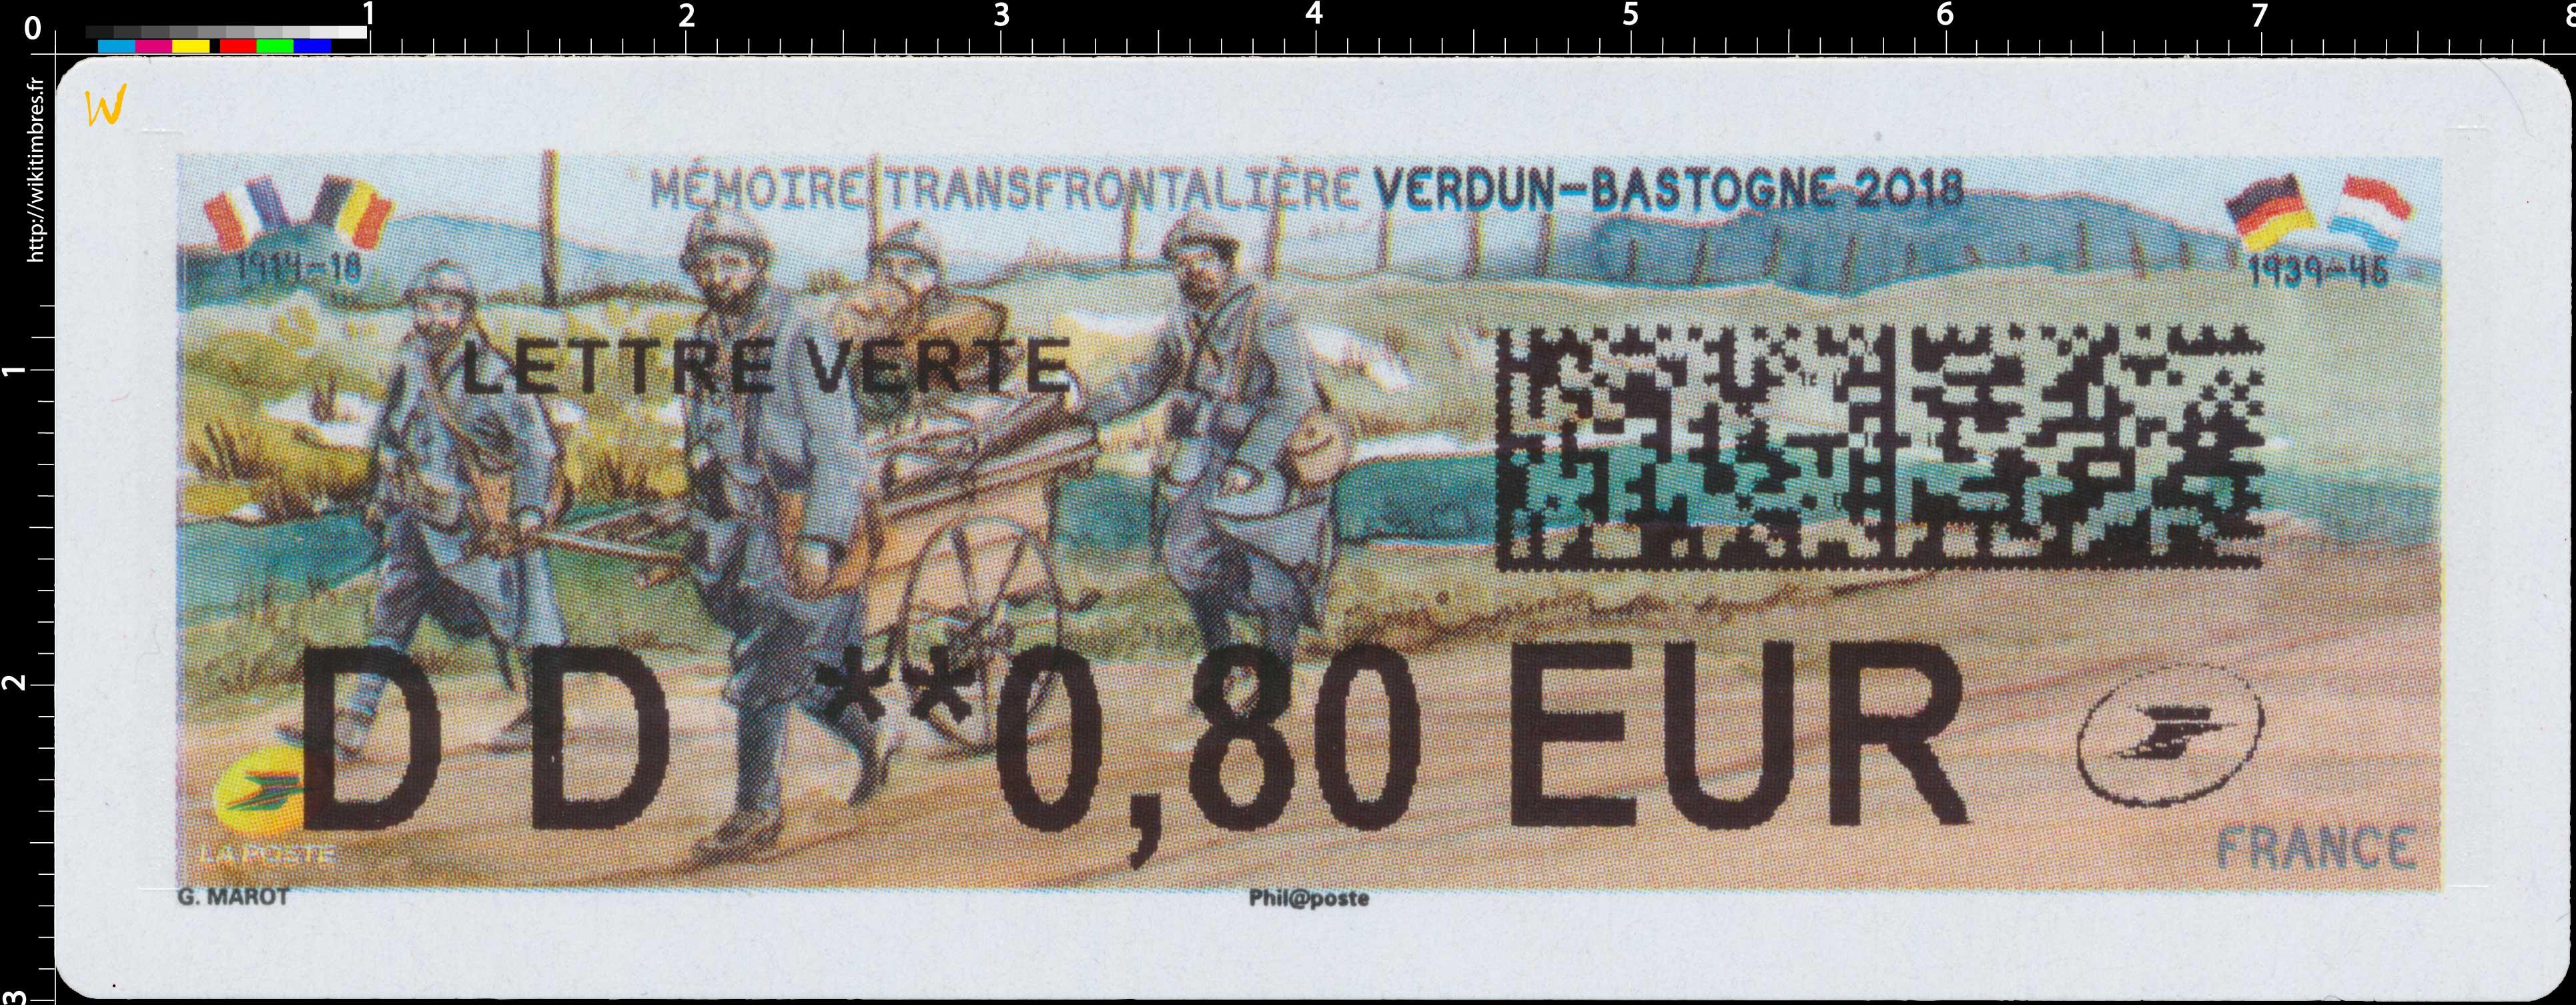 2018 Mémoire transfrontalière VERDUN-BASTOGNE